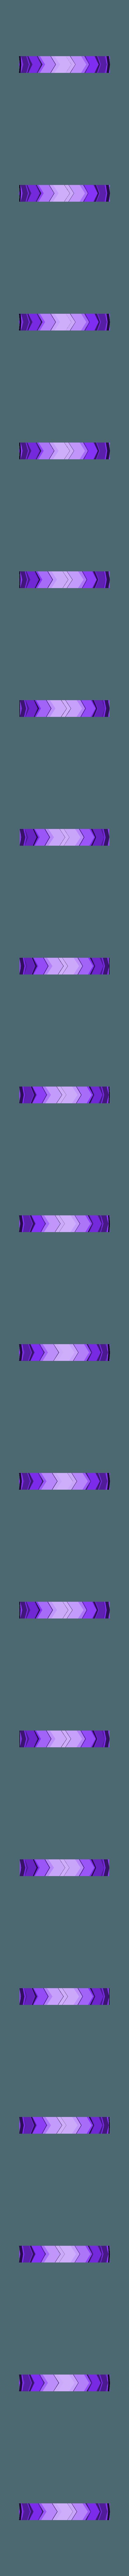 bracelet_20190202-67-13lyaqt.stl Télécharger fichier STL gratuit Arthur Customized Flex Bracelet customisateur • Design imprimable en 3D, jp_math